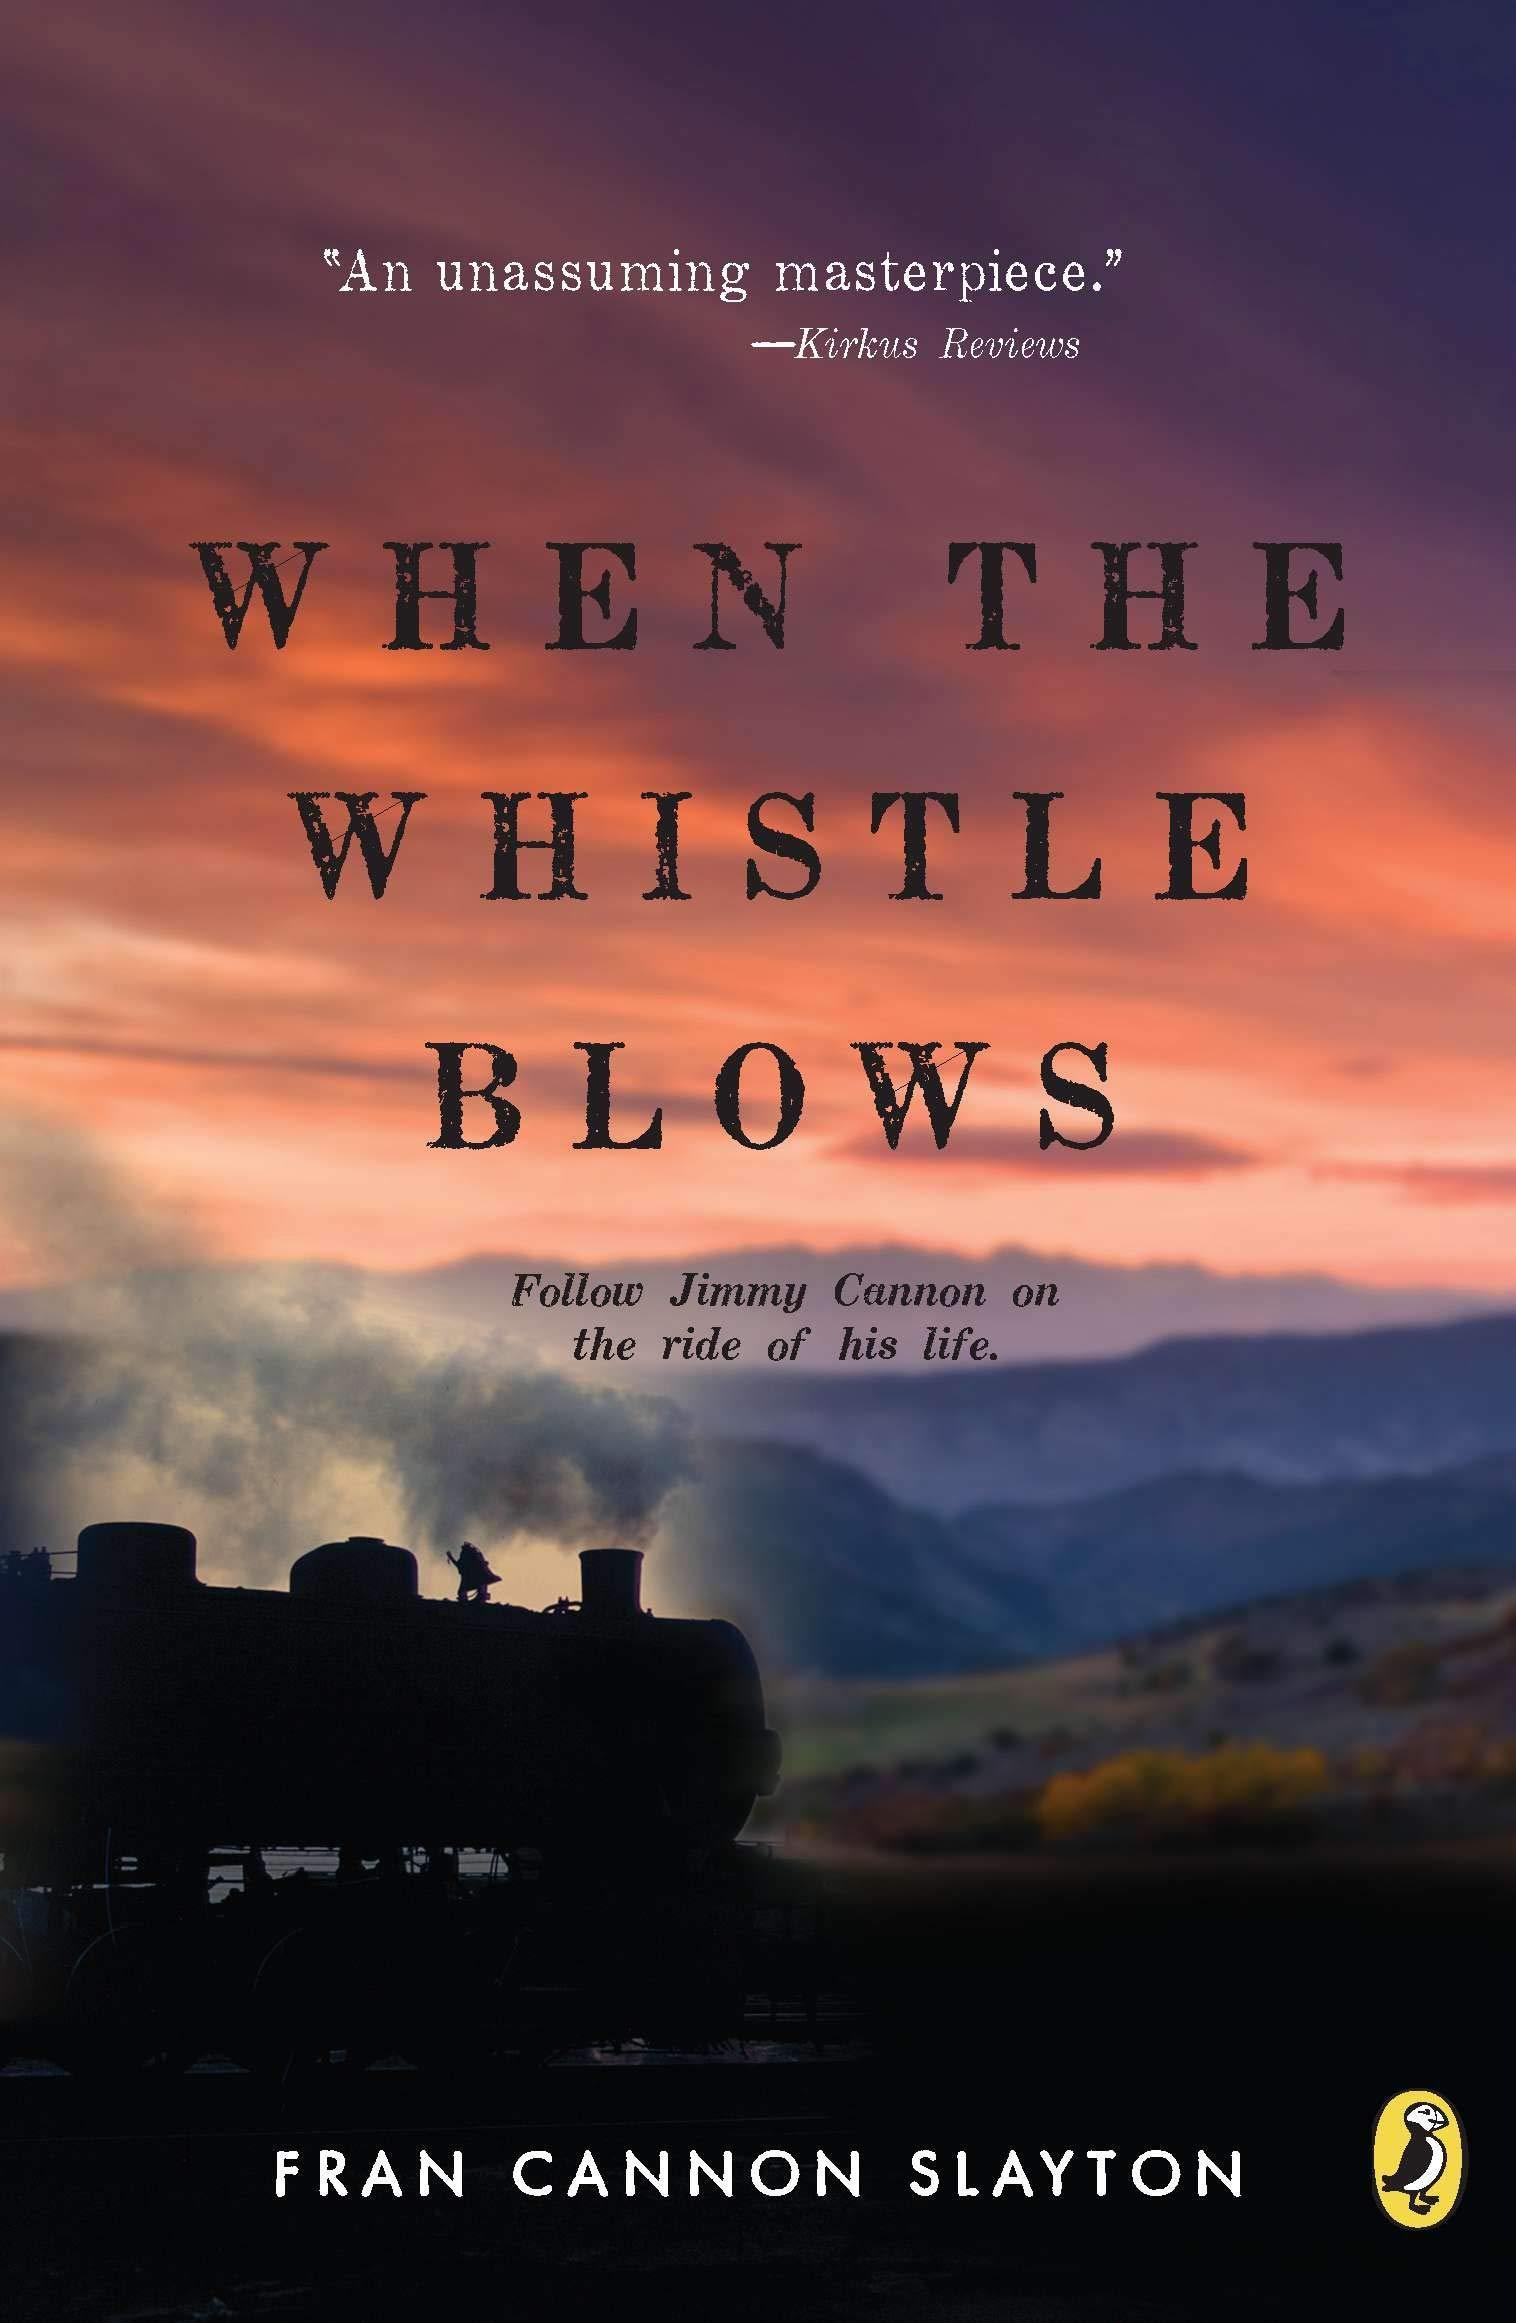 When the Whistle Blows: Amazon.co.uk: Slayton, Fran Cannon: Books